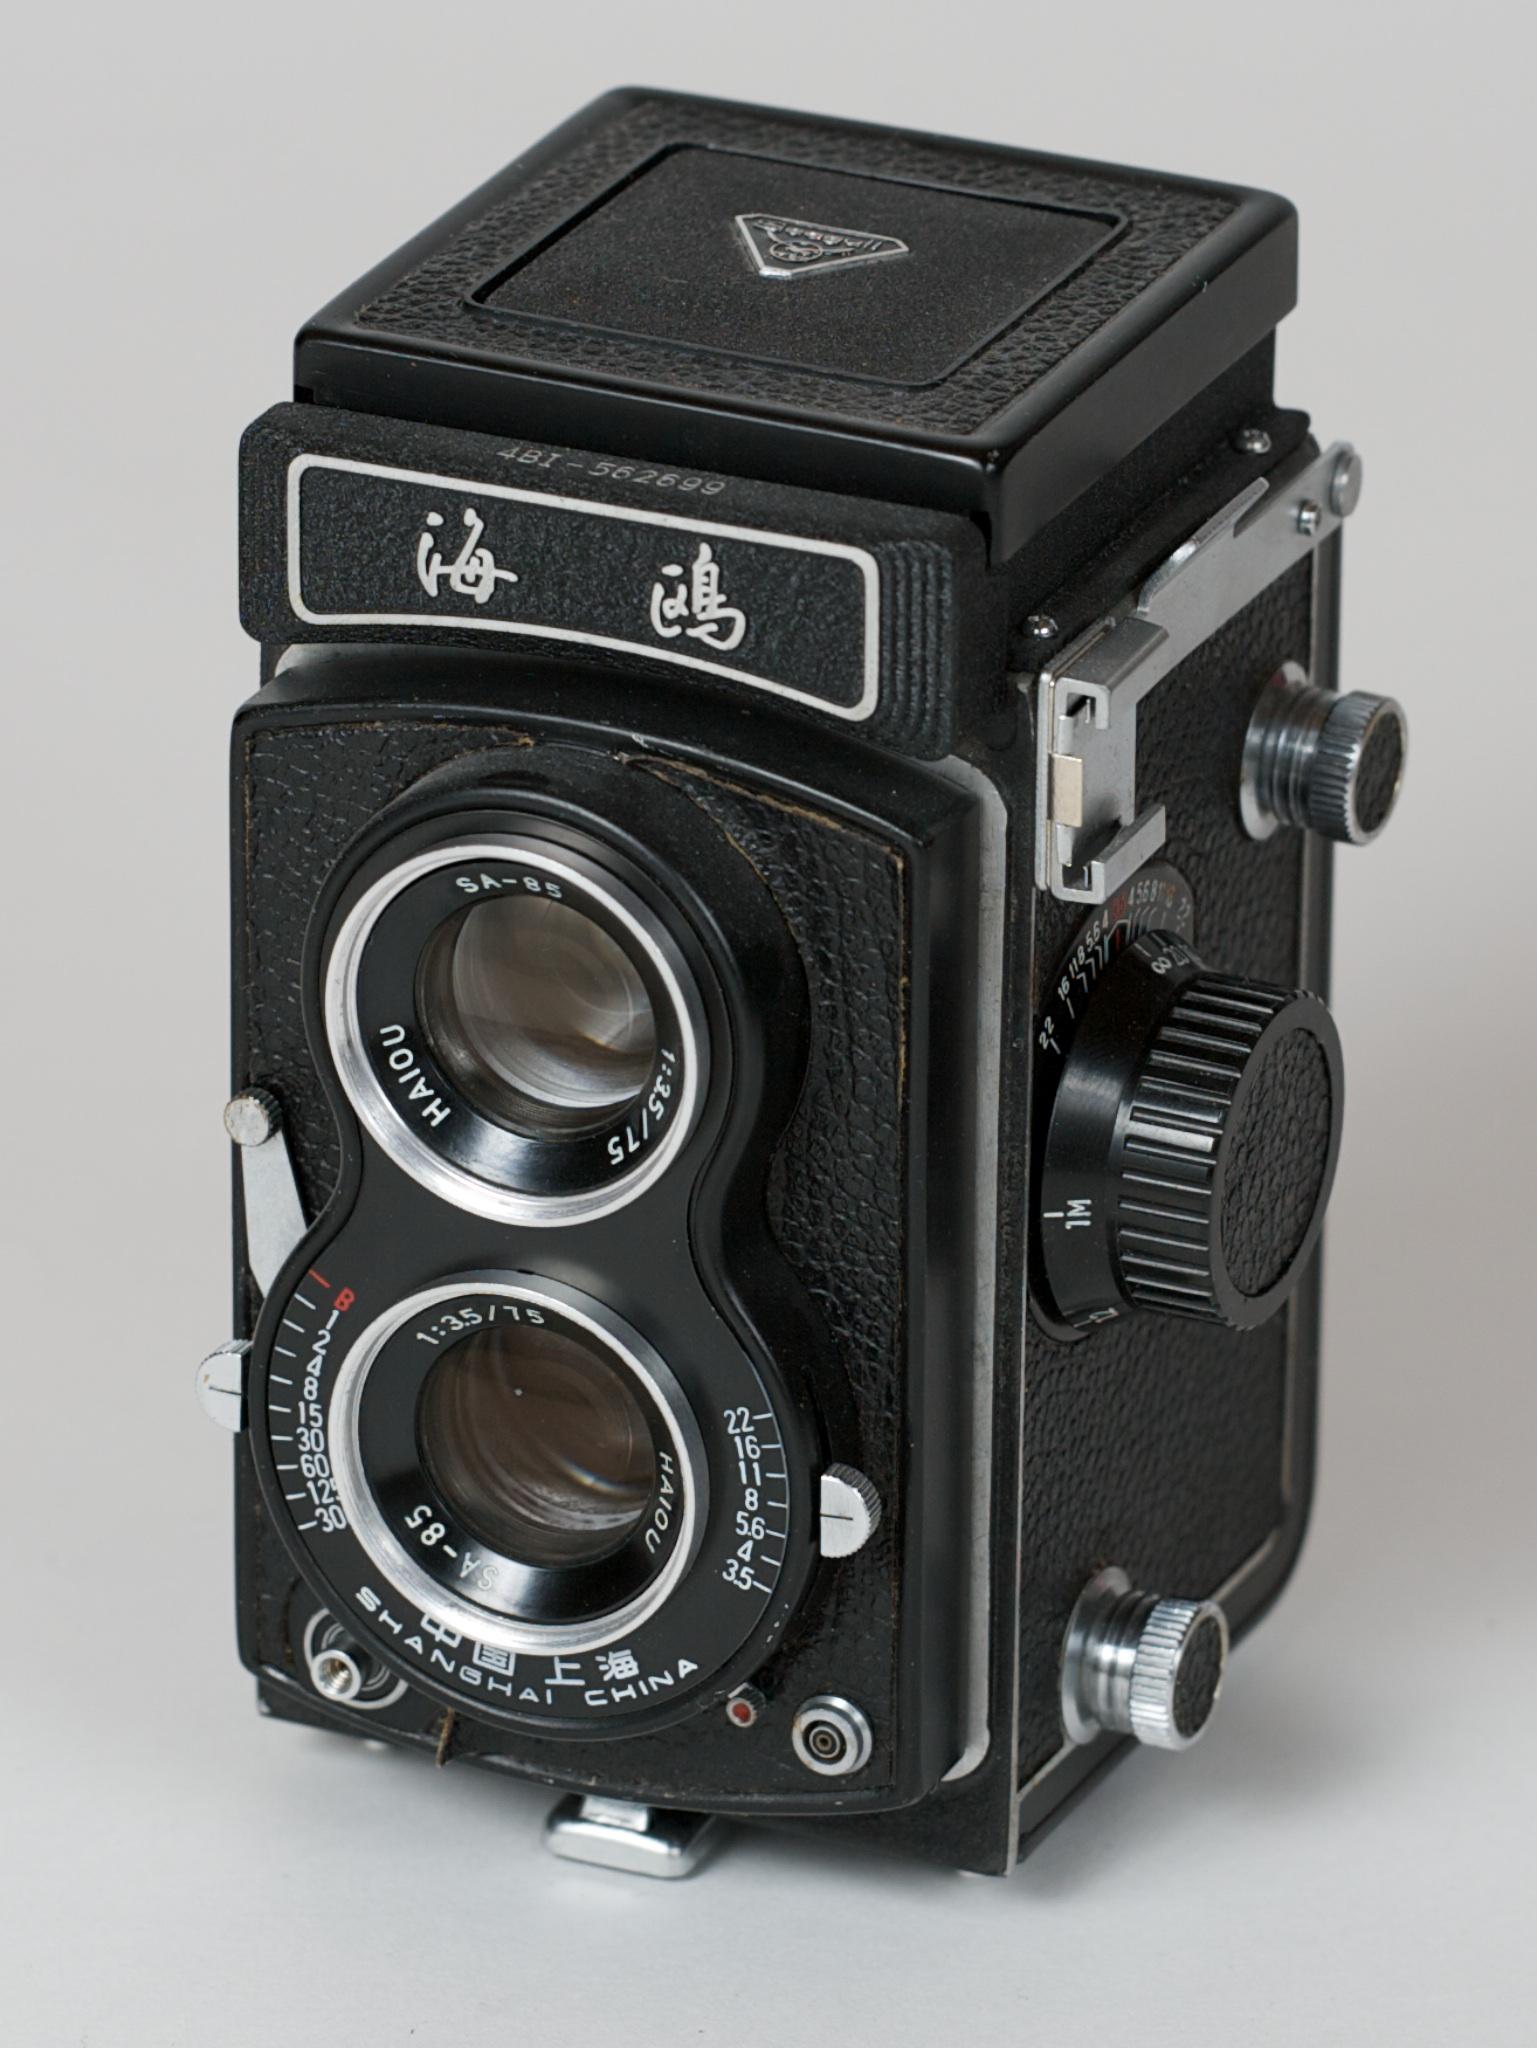 новые китайские фотокамеры отстаивание традиций